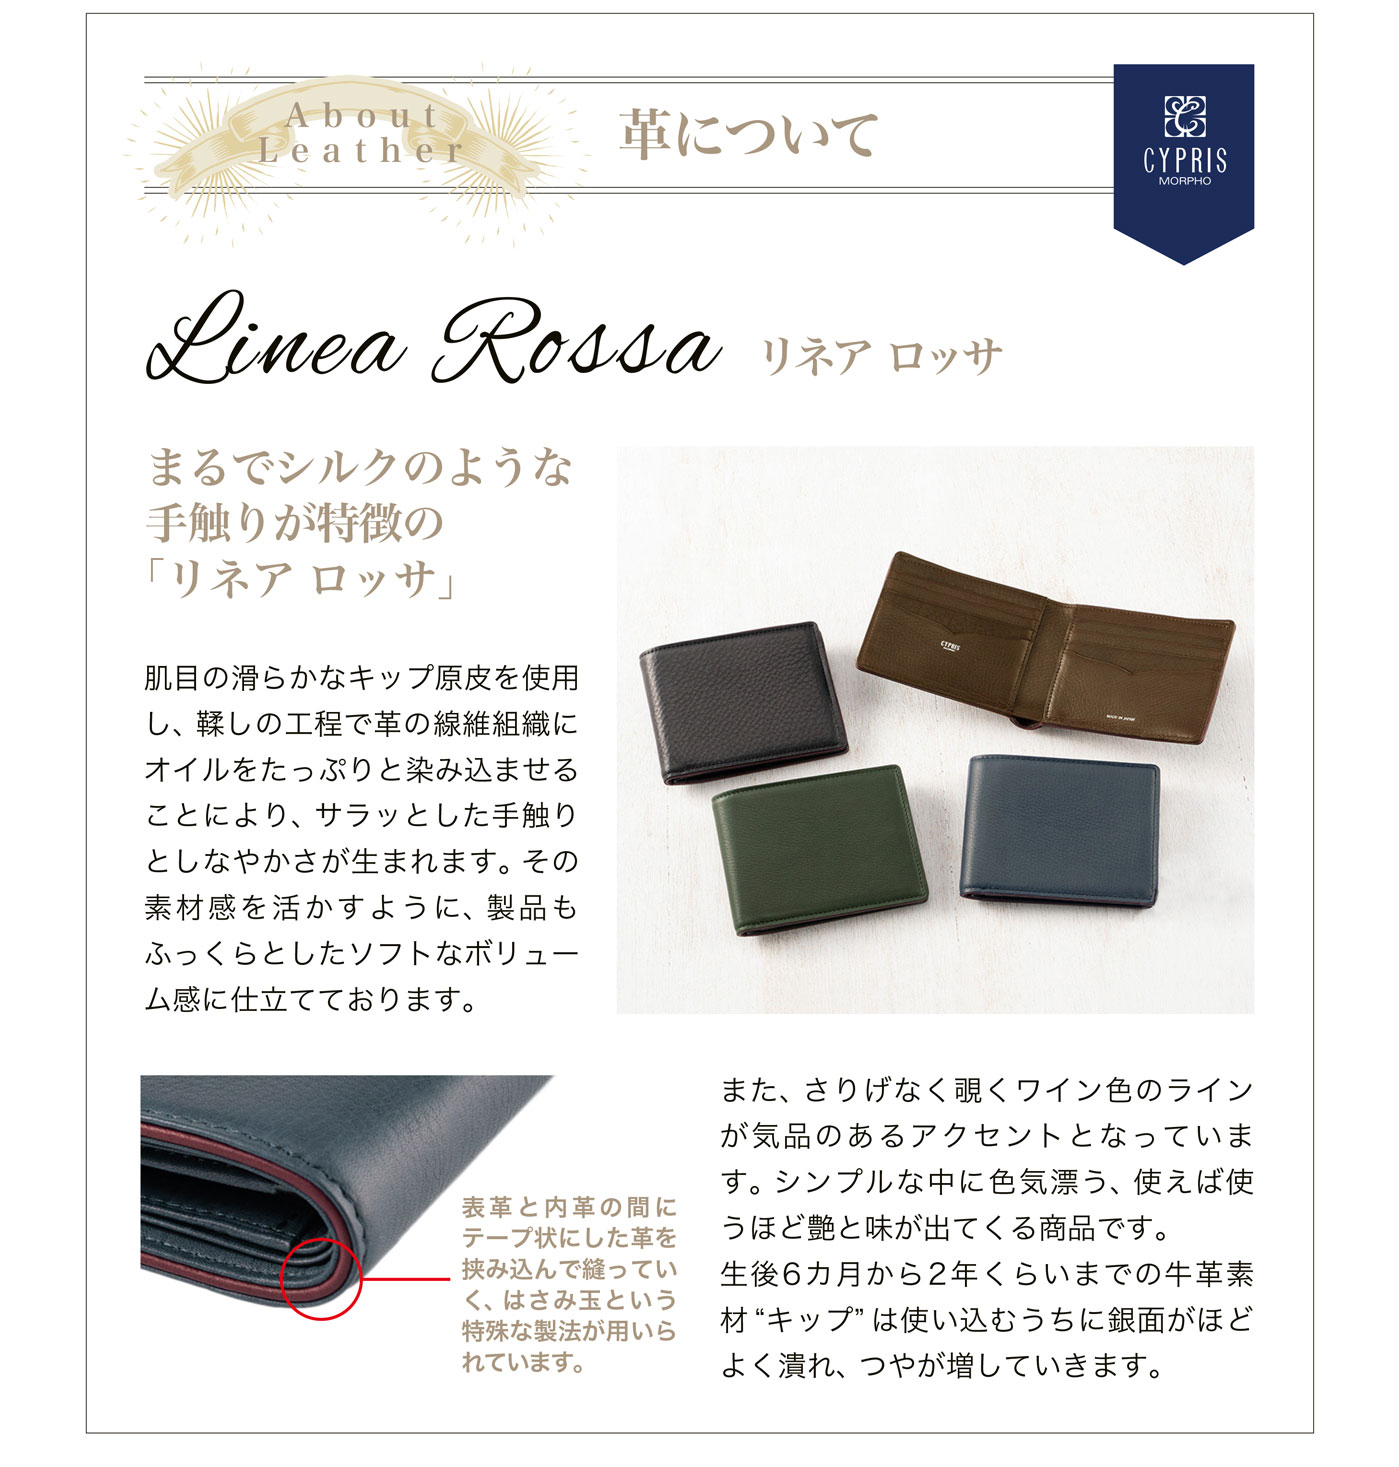 リネアロッサ 革財布